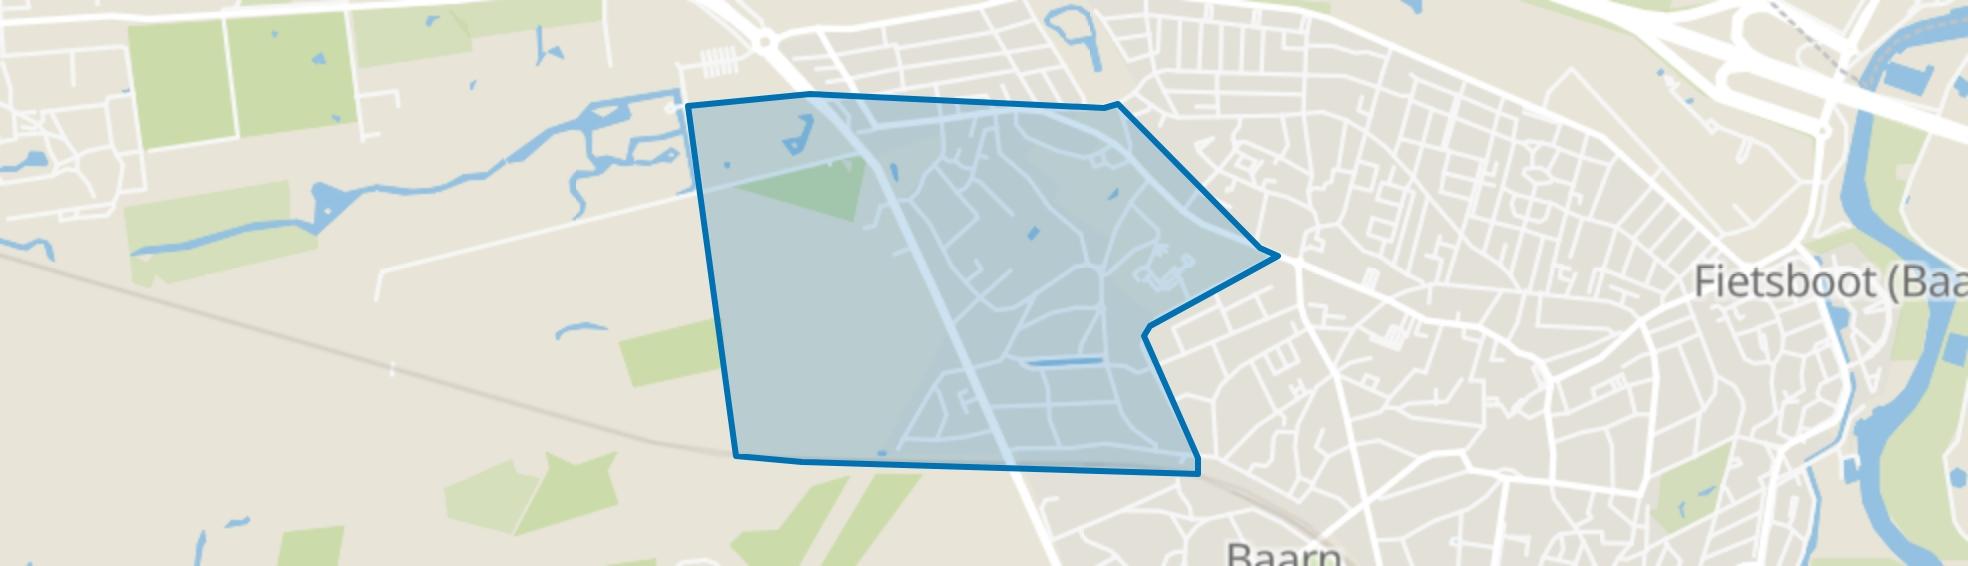 Wilhelminapark, Baarn map